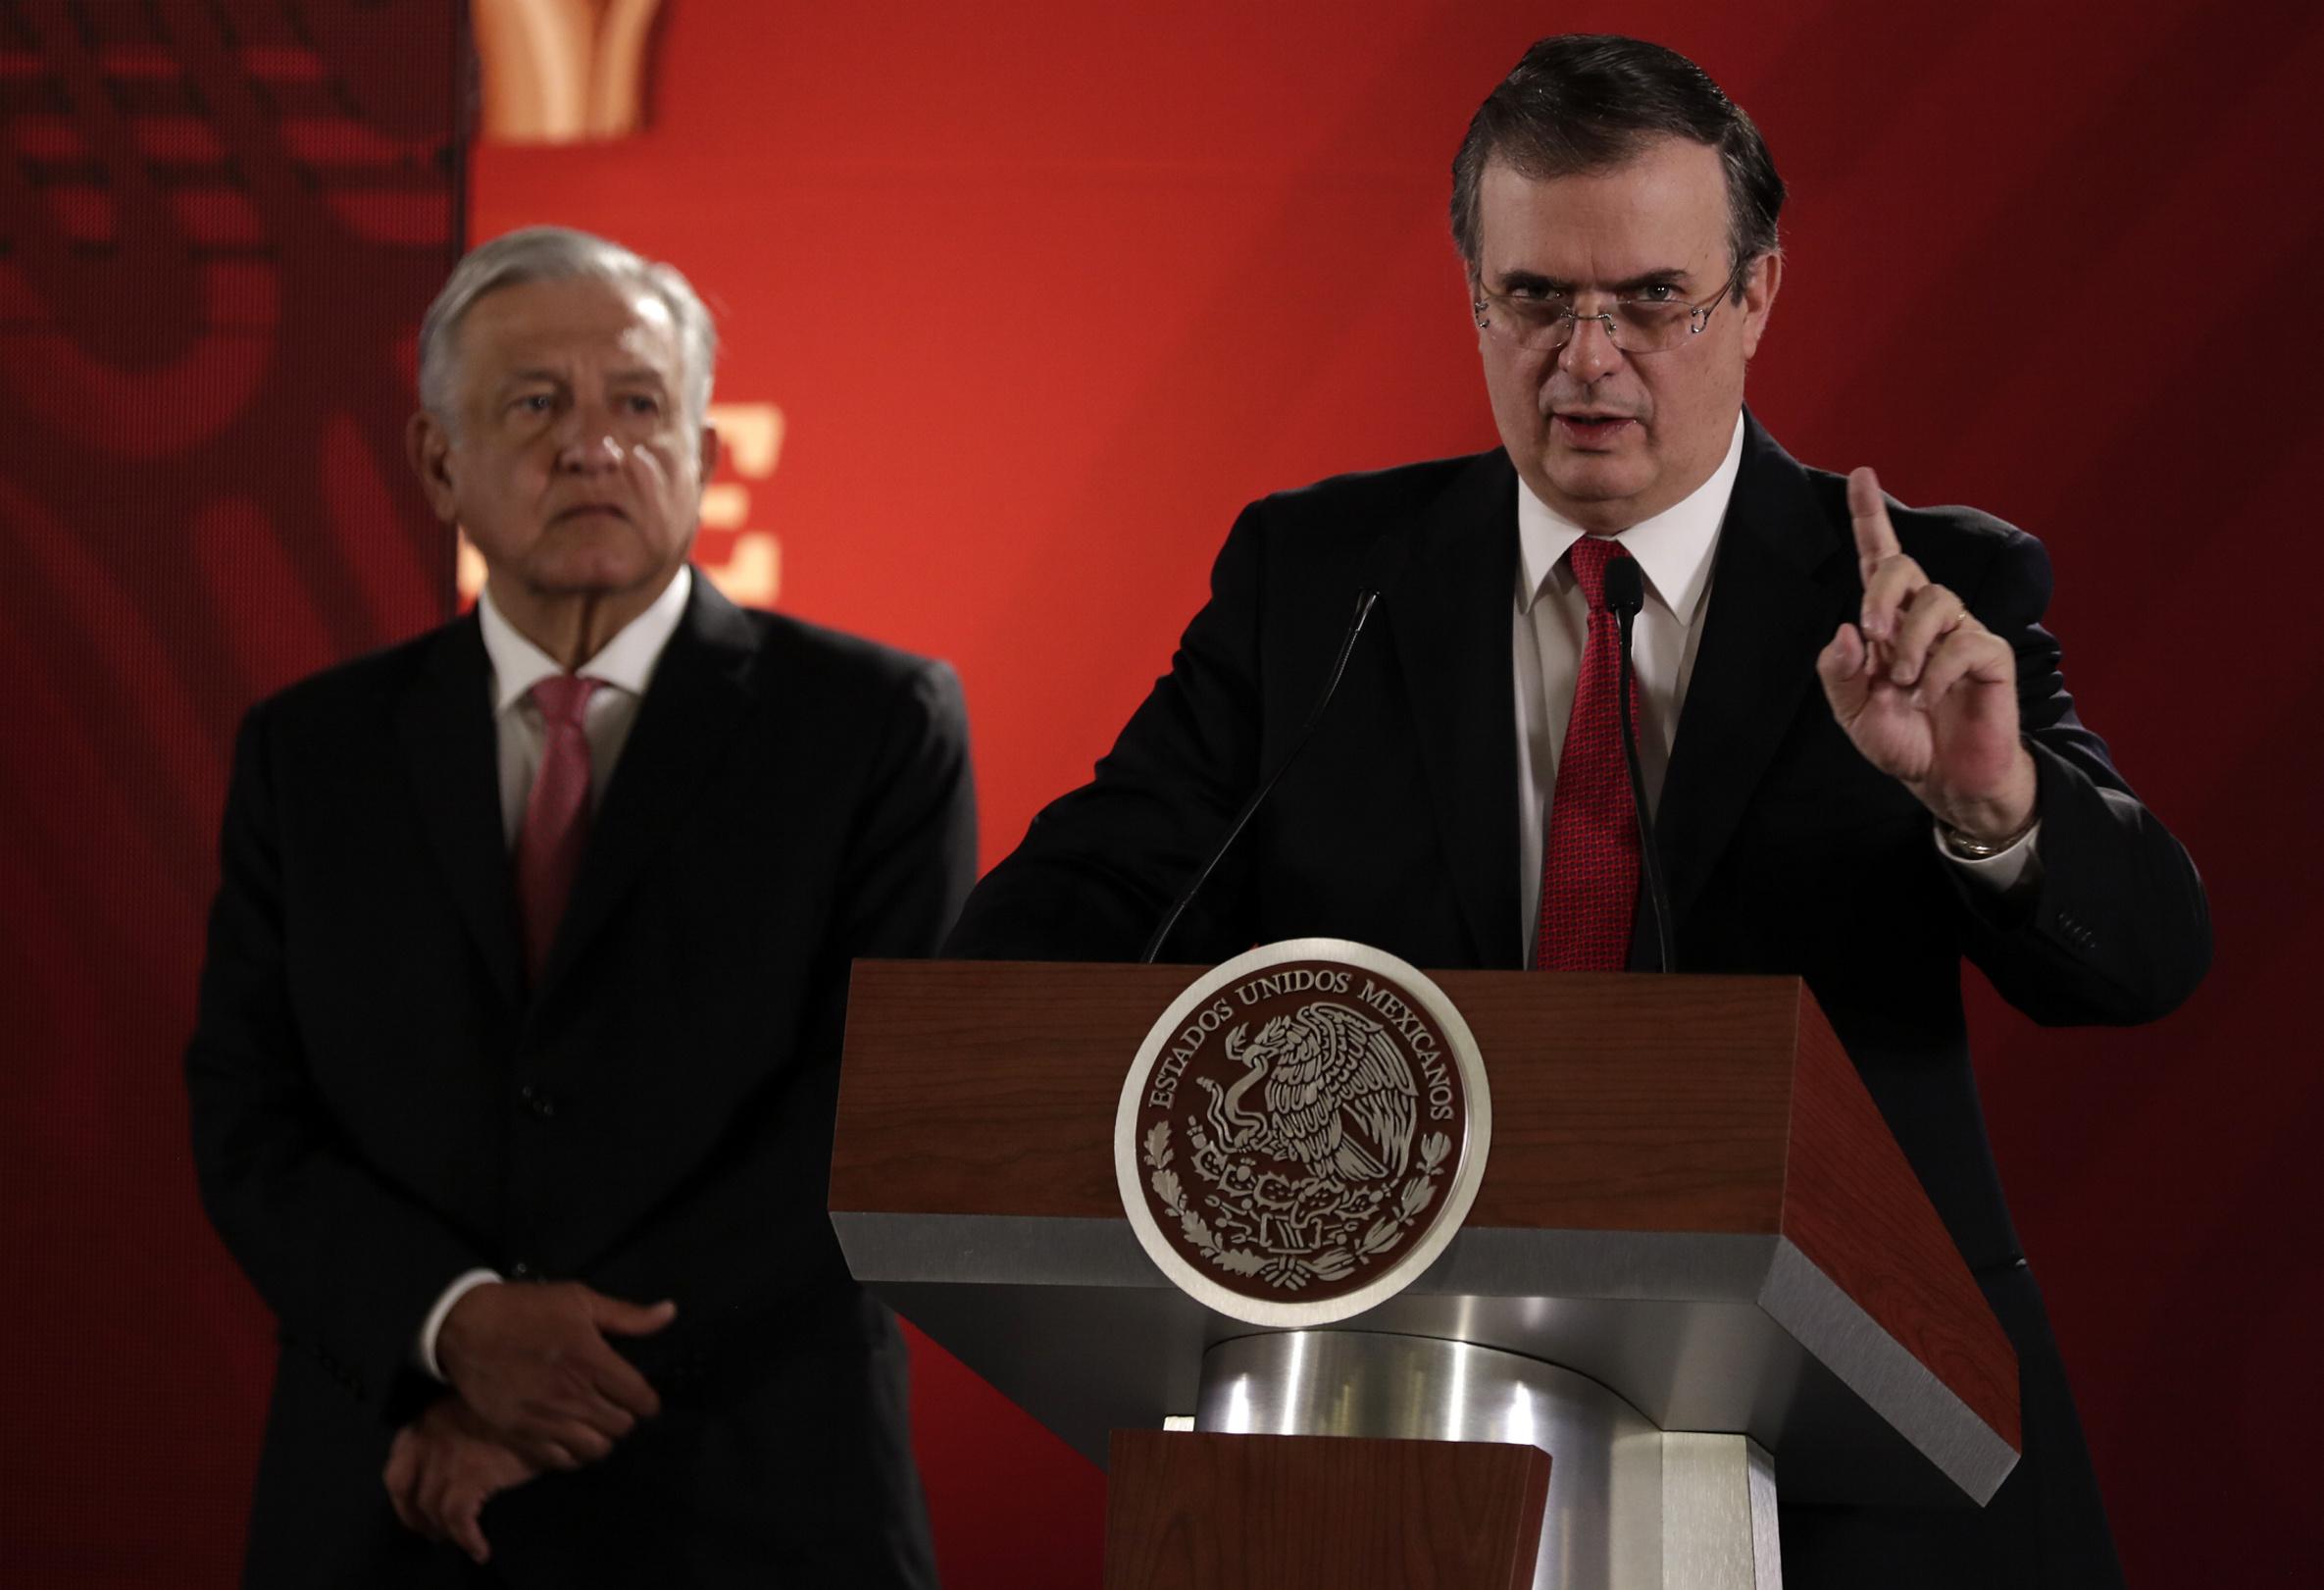 Exige GPPAN que Canciller presente al Senado documentos firmados del Acuerdo Comercial Migratorio con EU